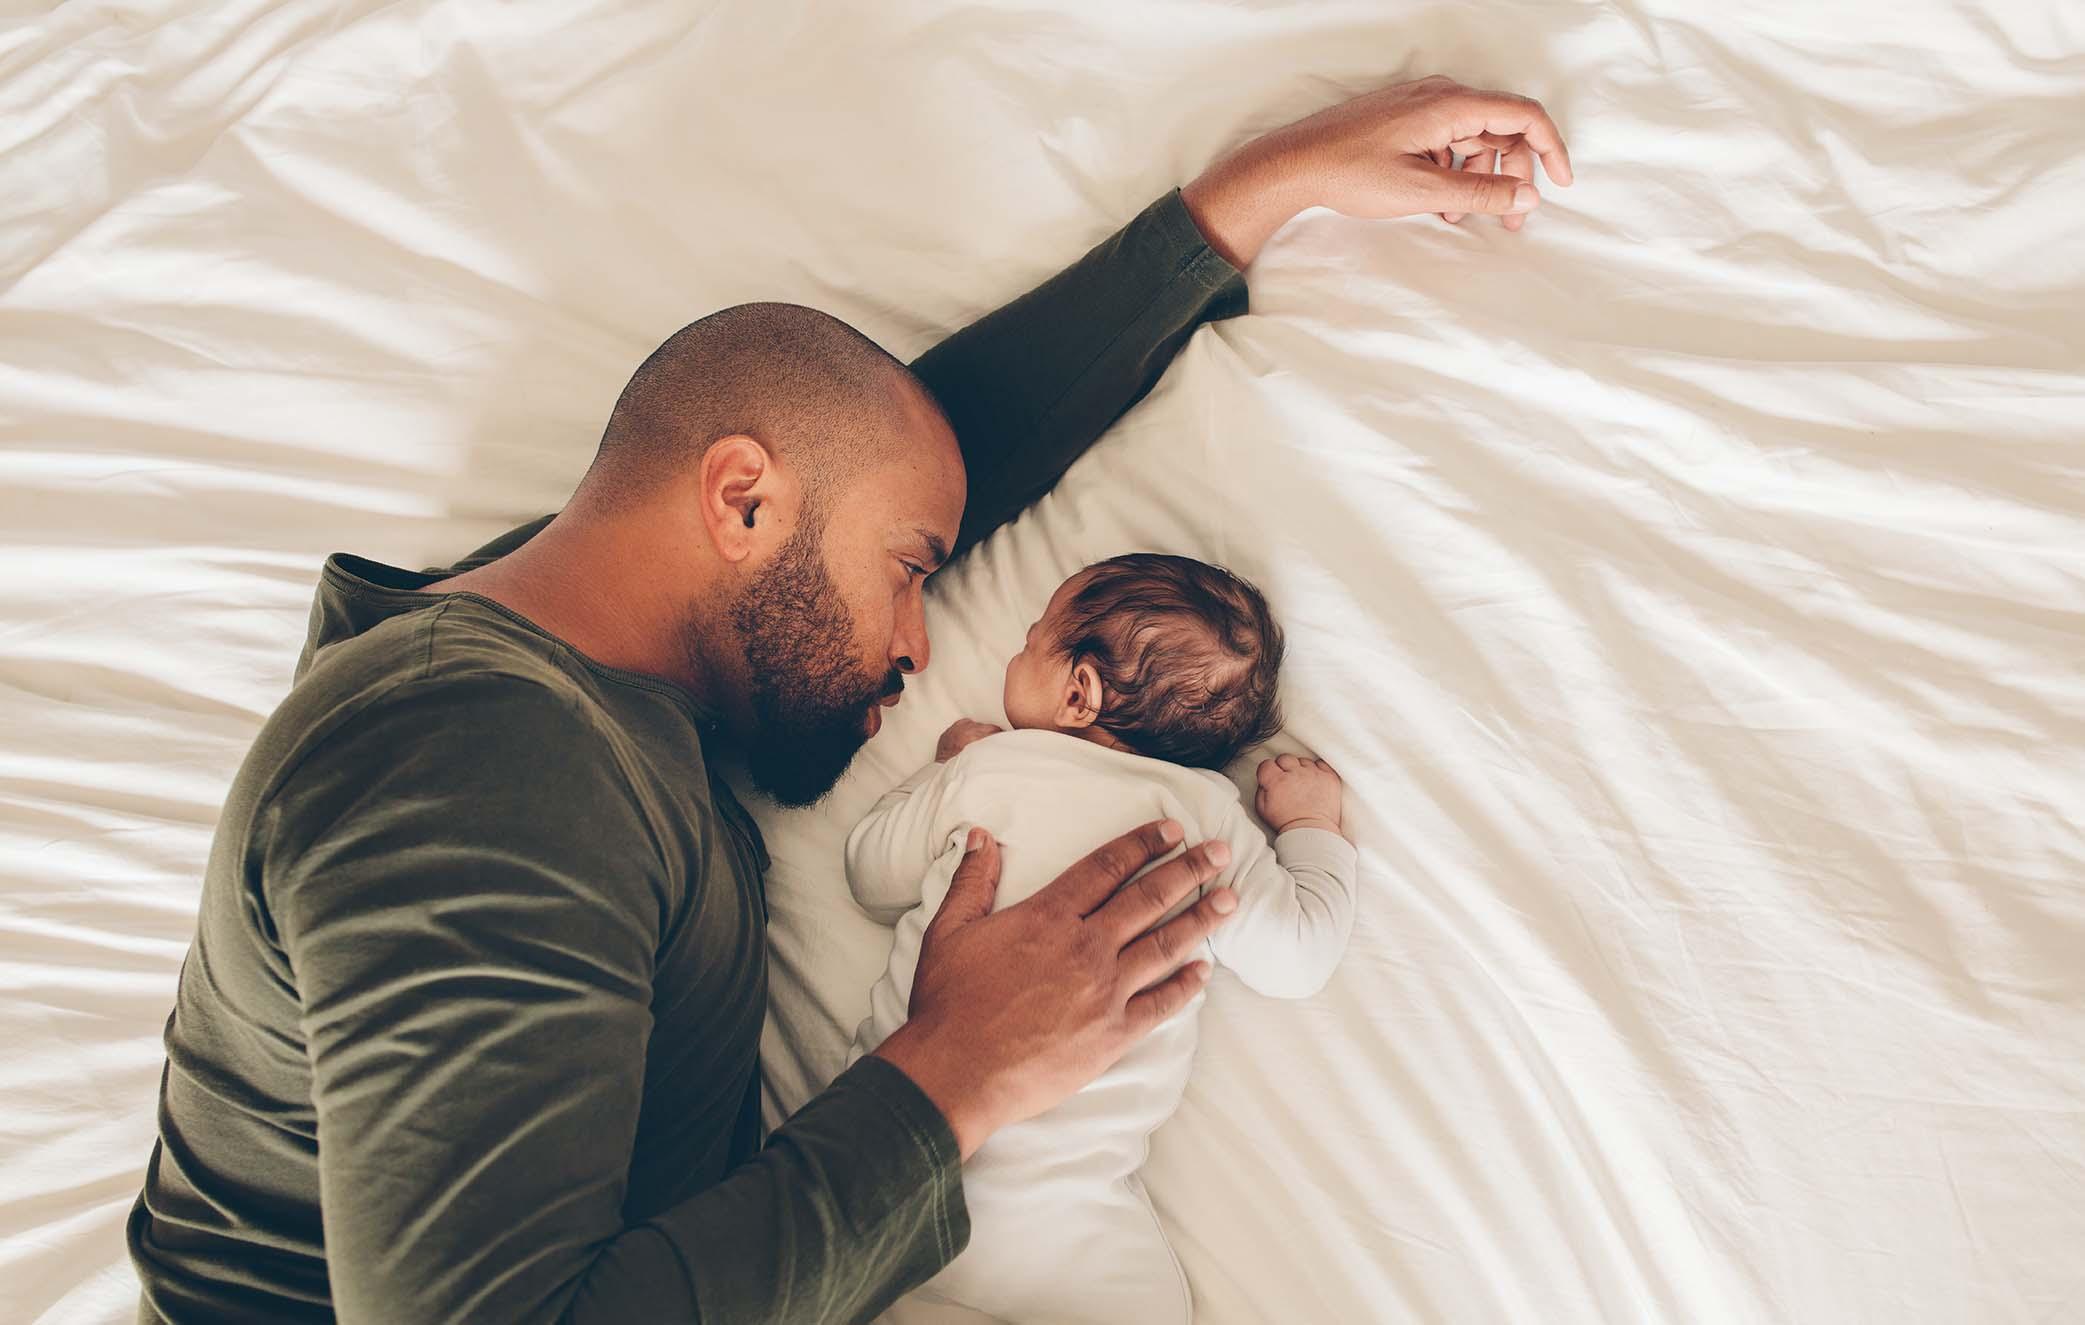 Custodia compartida progesiva para un bebé lactante